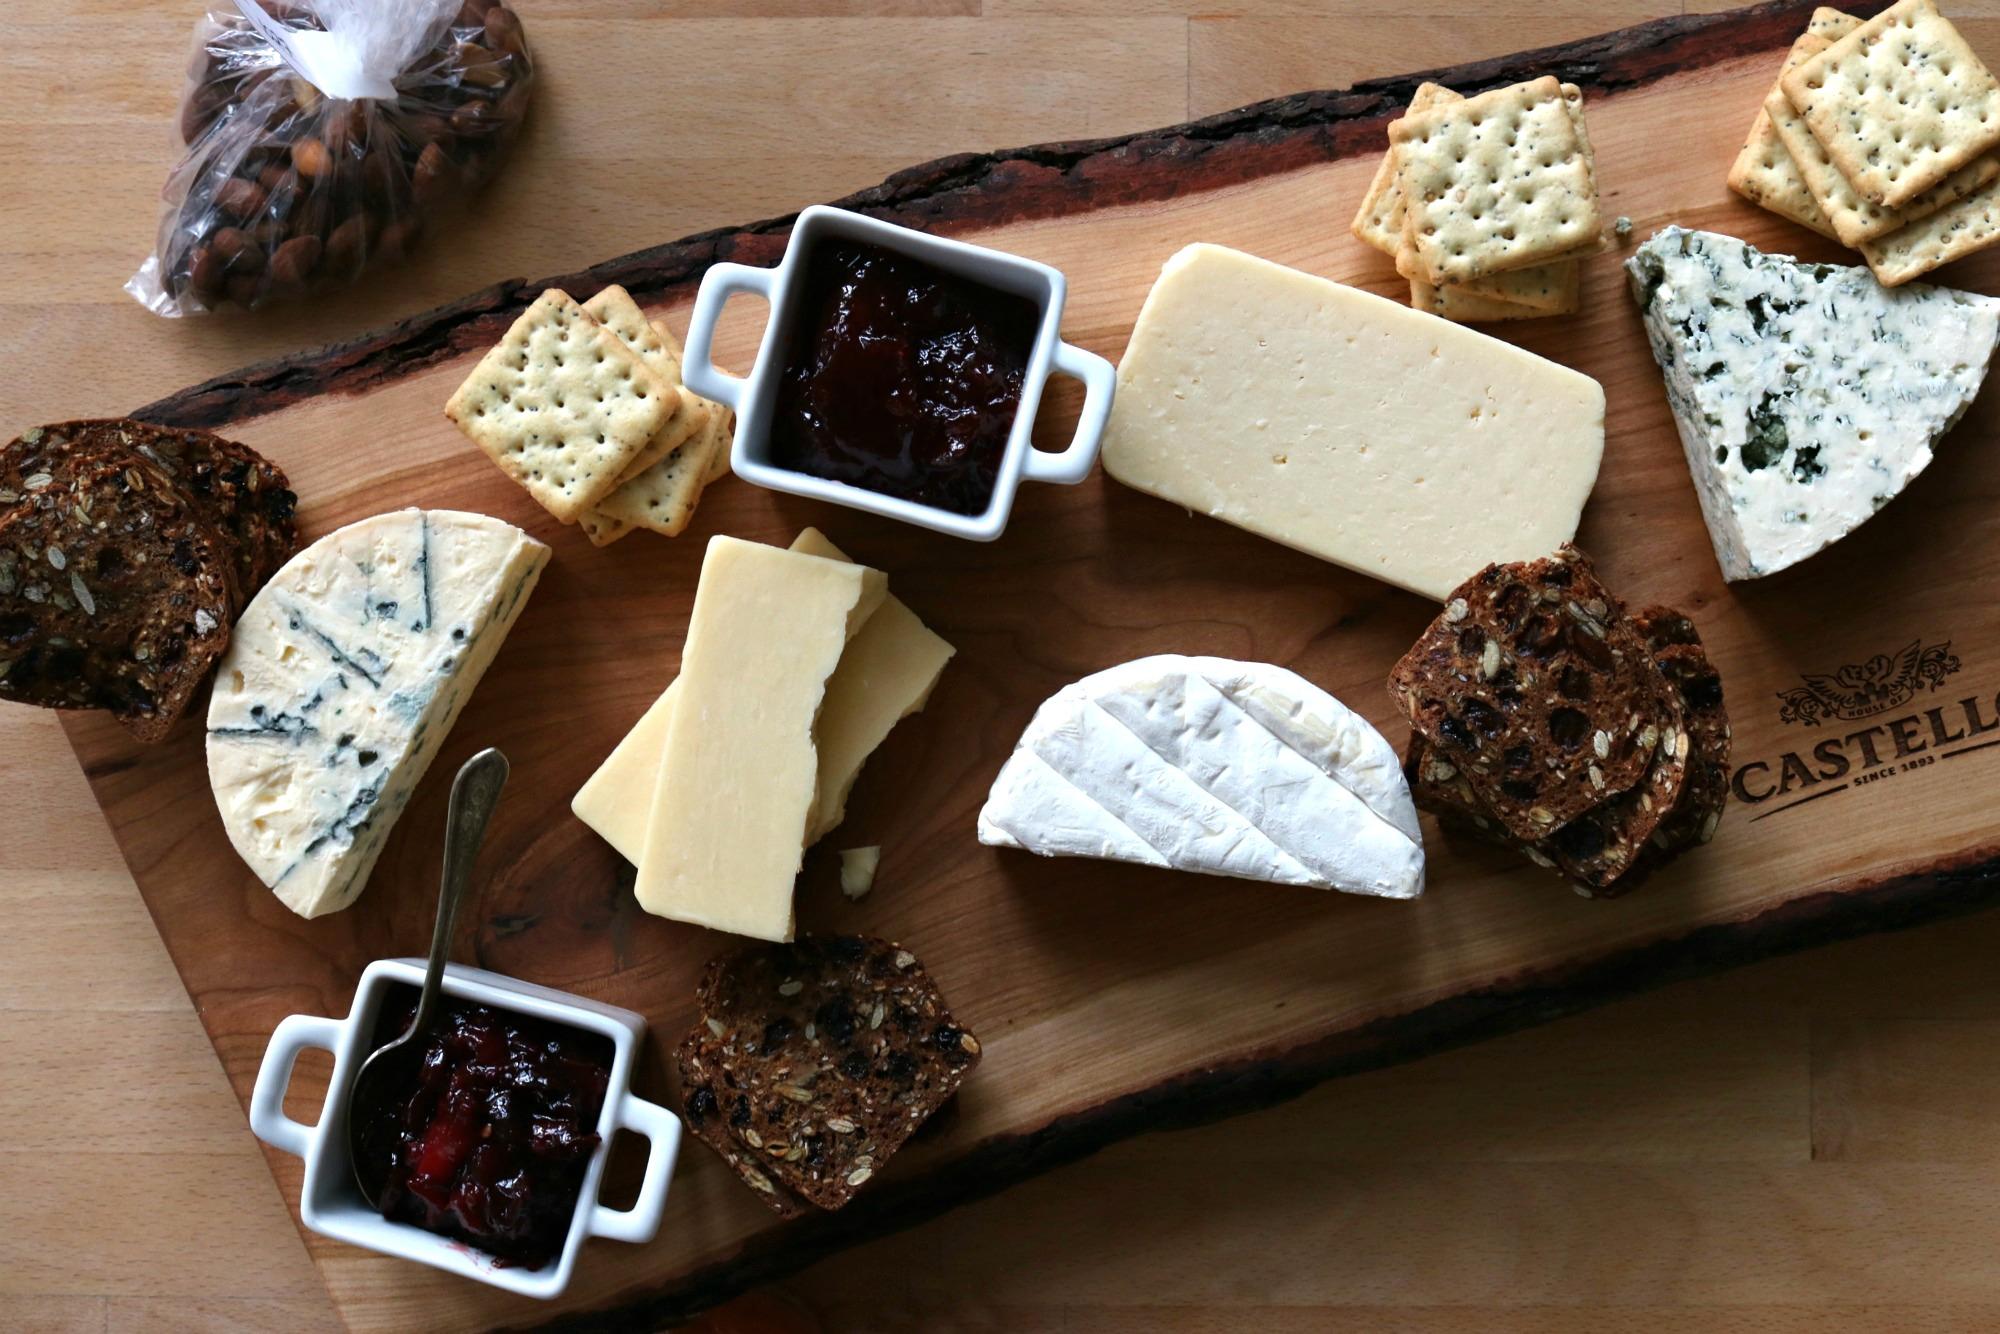 Castello Cheese board 10